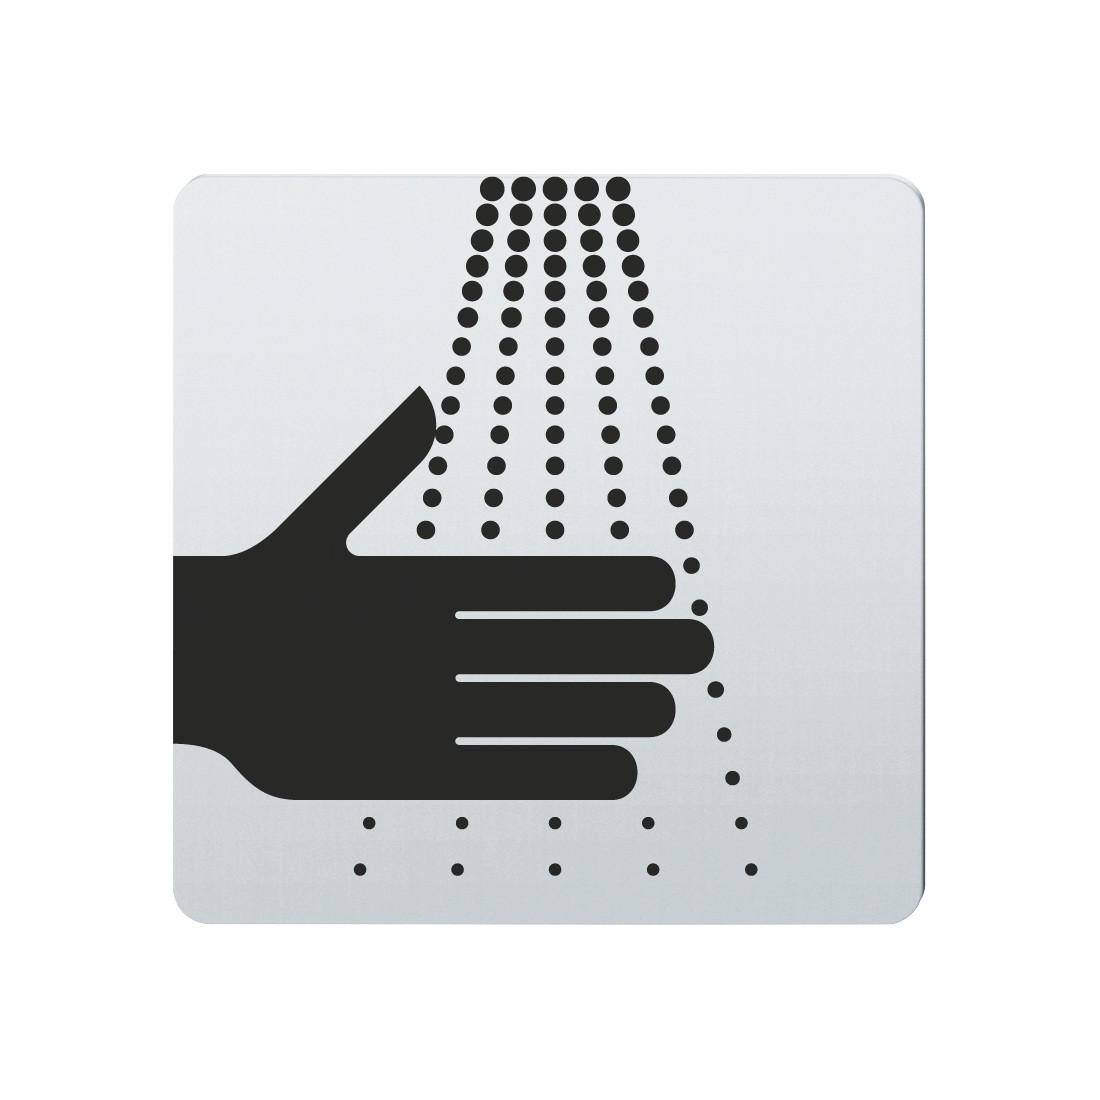 FSB Hinweiszeichen Waschgelegenheit Lasergraviert Edelstahl fein matt (0 36 4059 00104 6204)